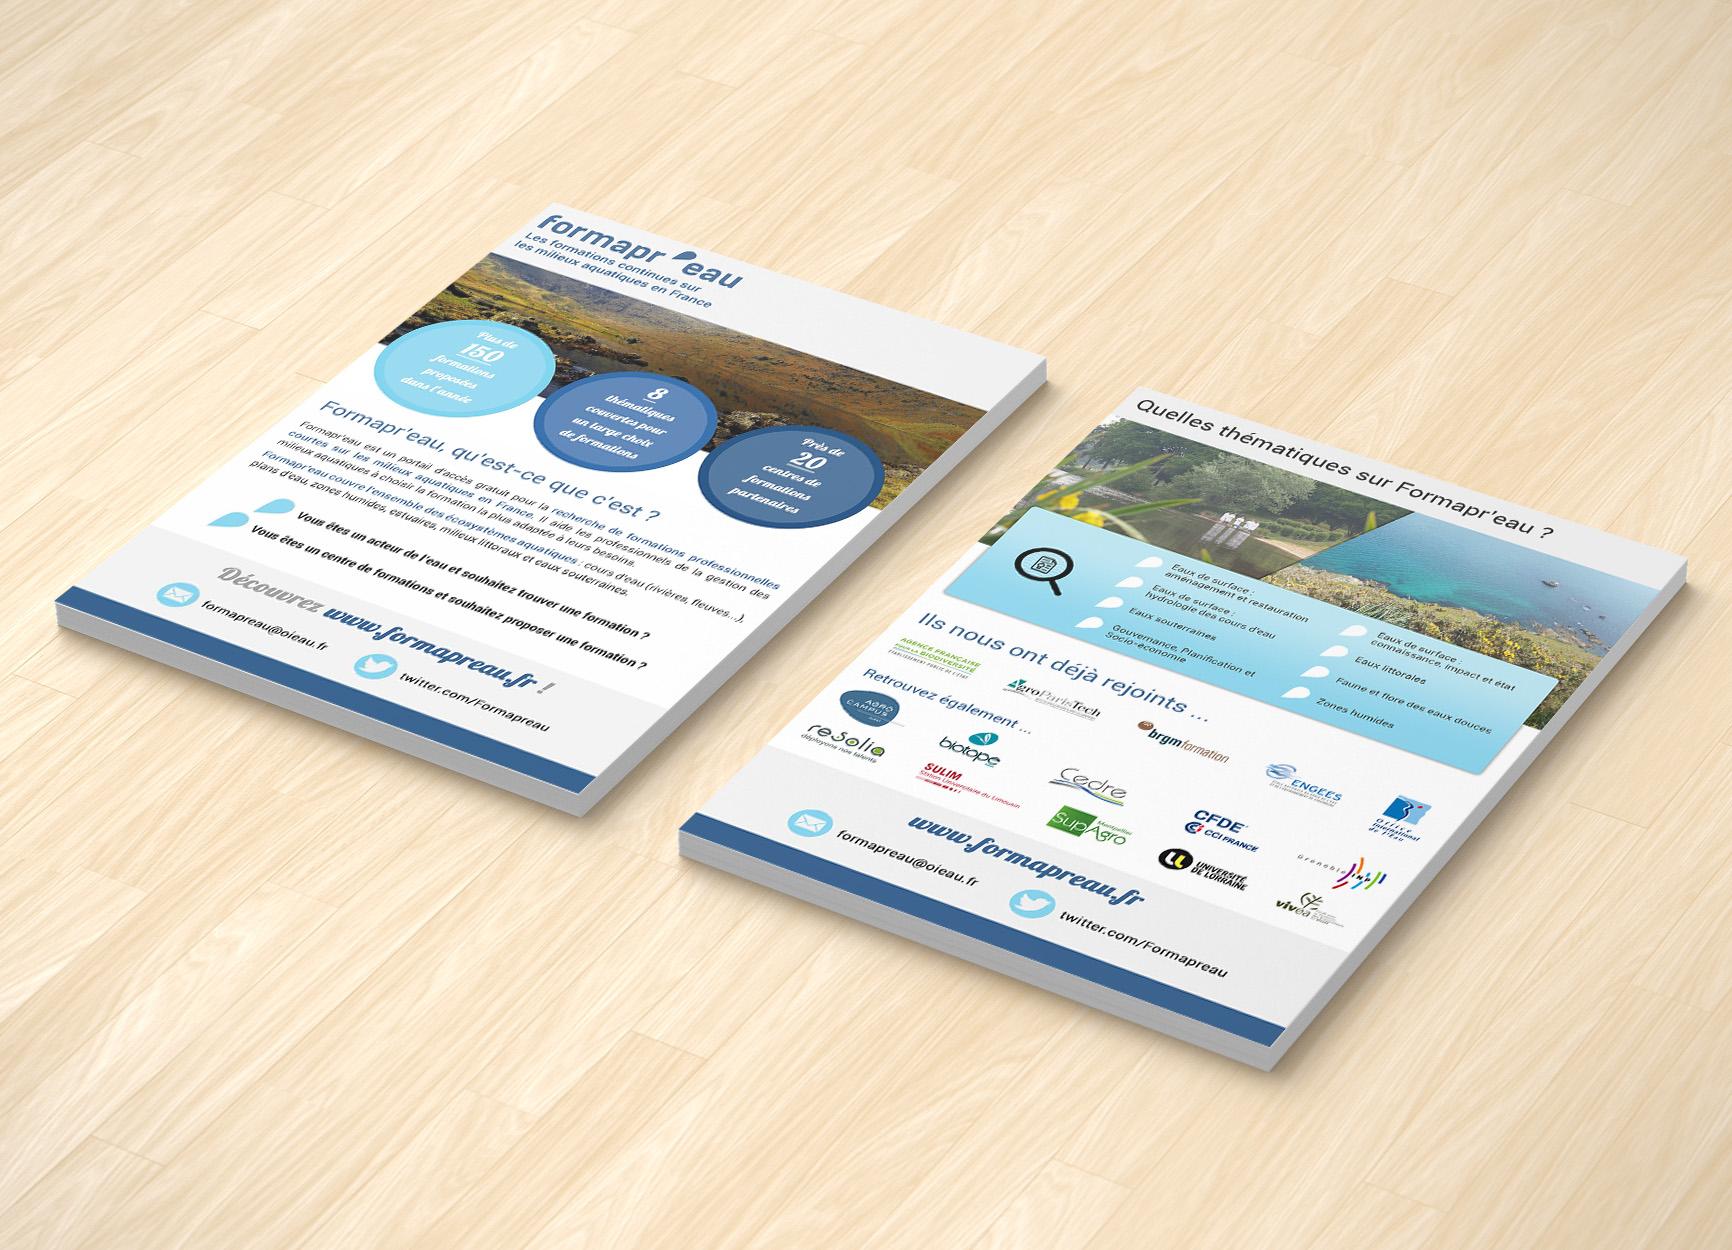 Flyer de présentation du site Formapr'eau (recto & verso)